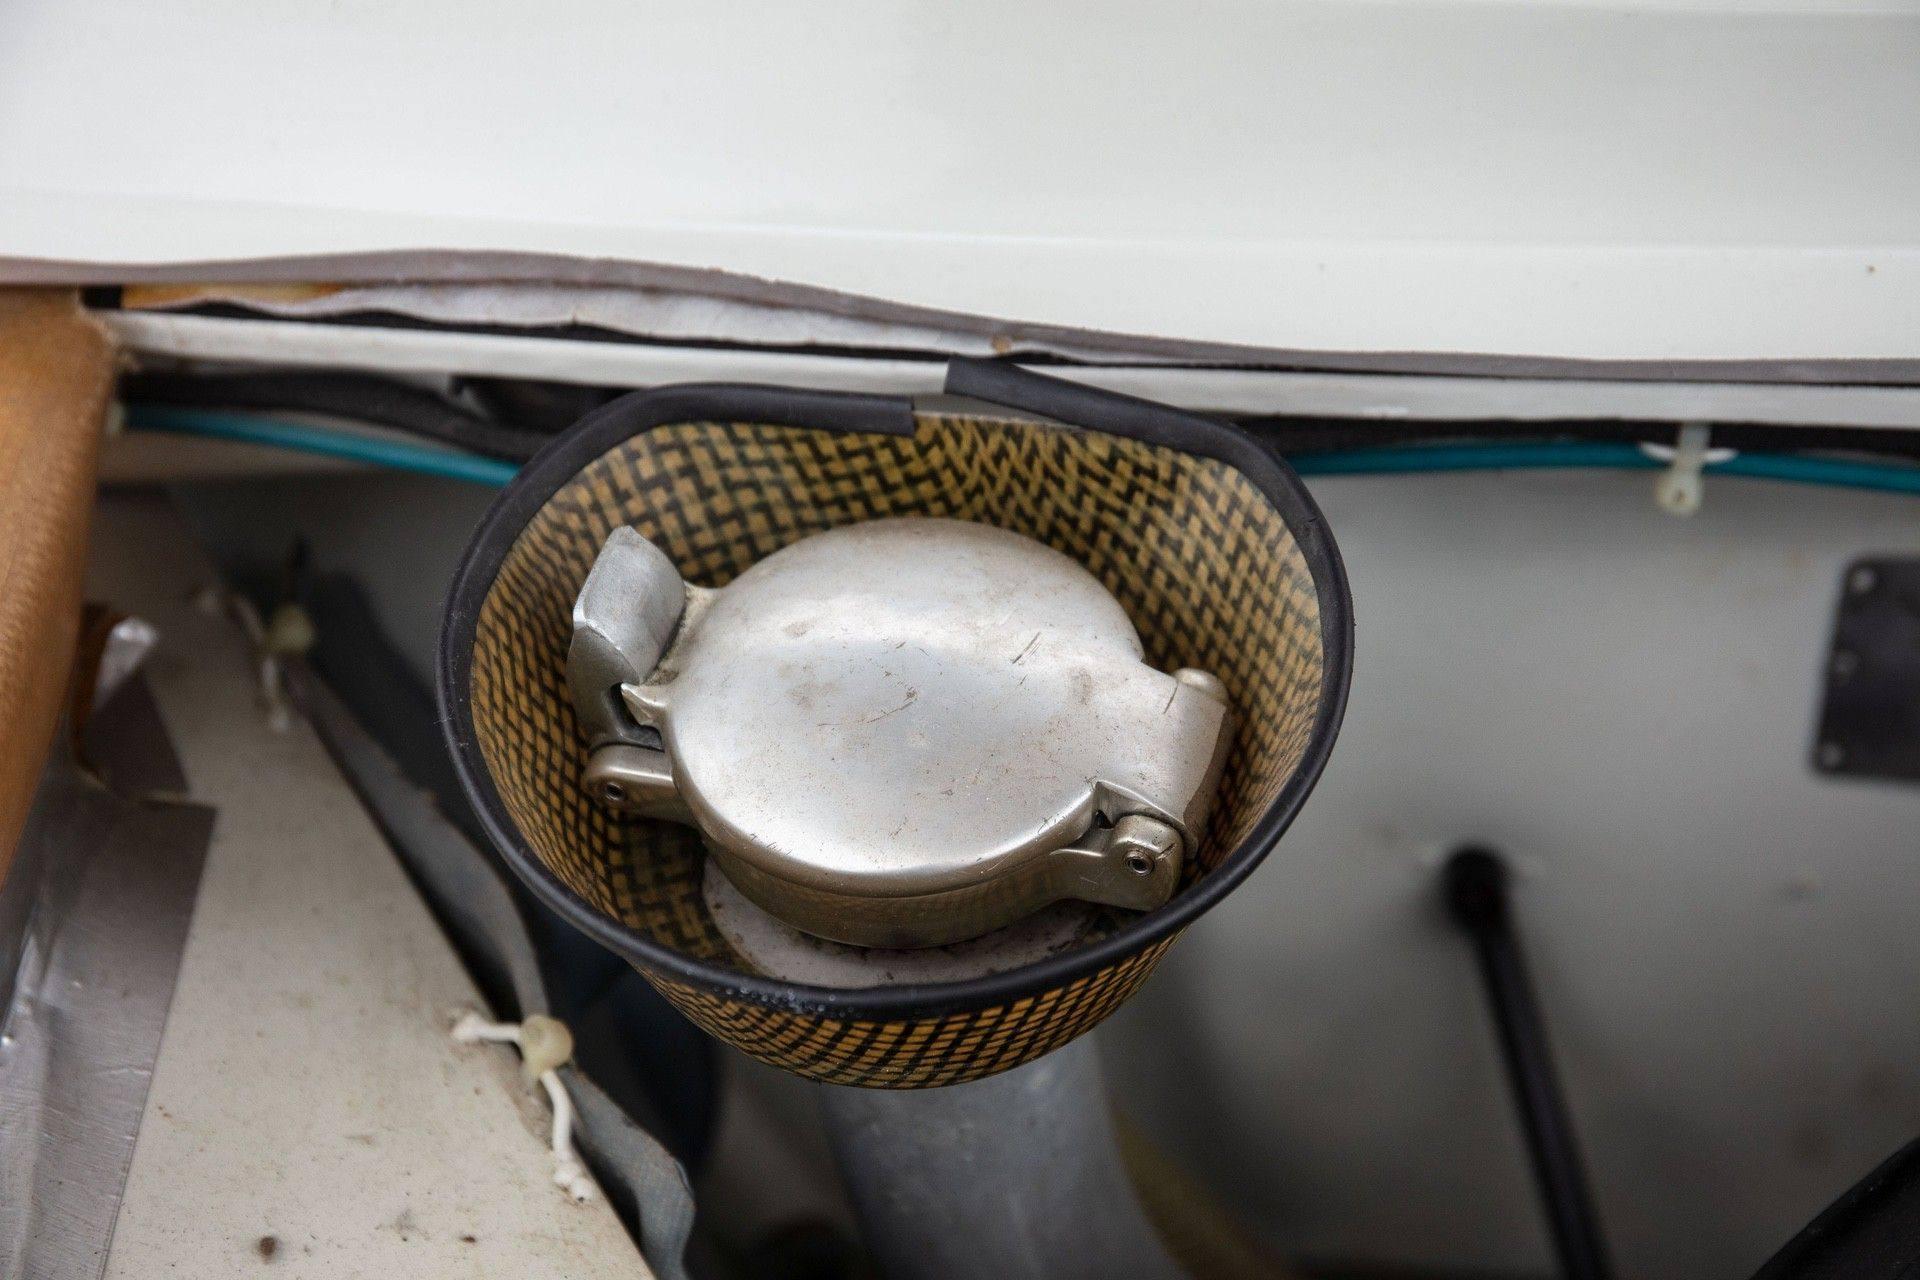 1985_Peugeot_205_Turbo_16_Evolution_2_sale-0045